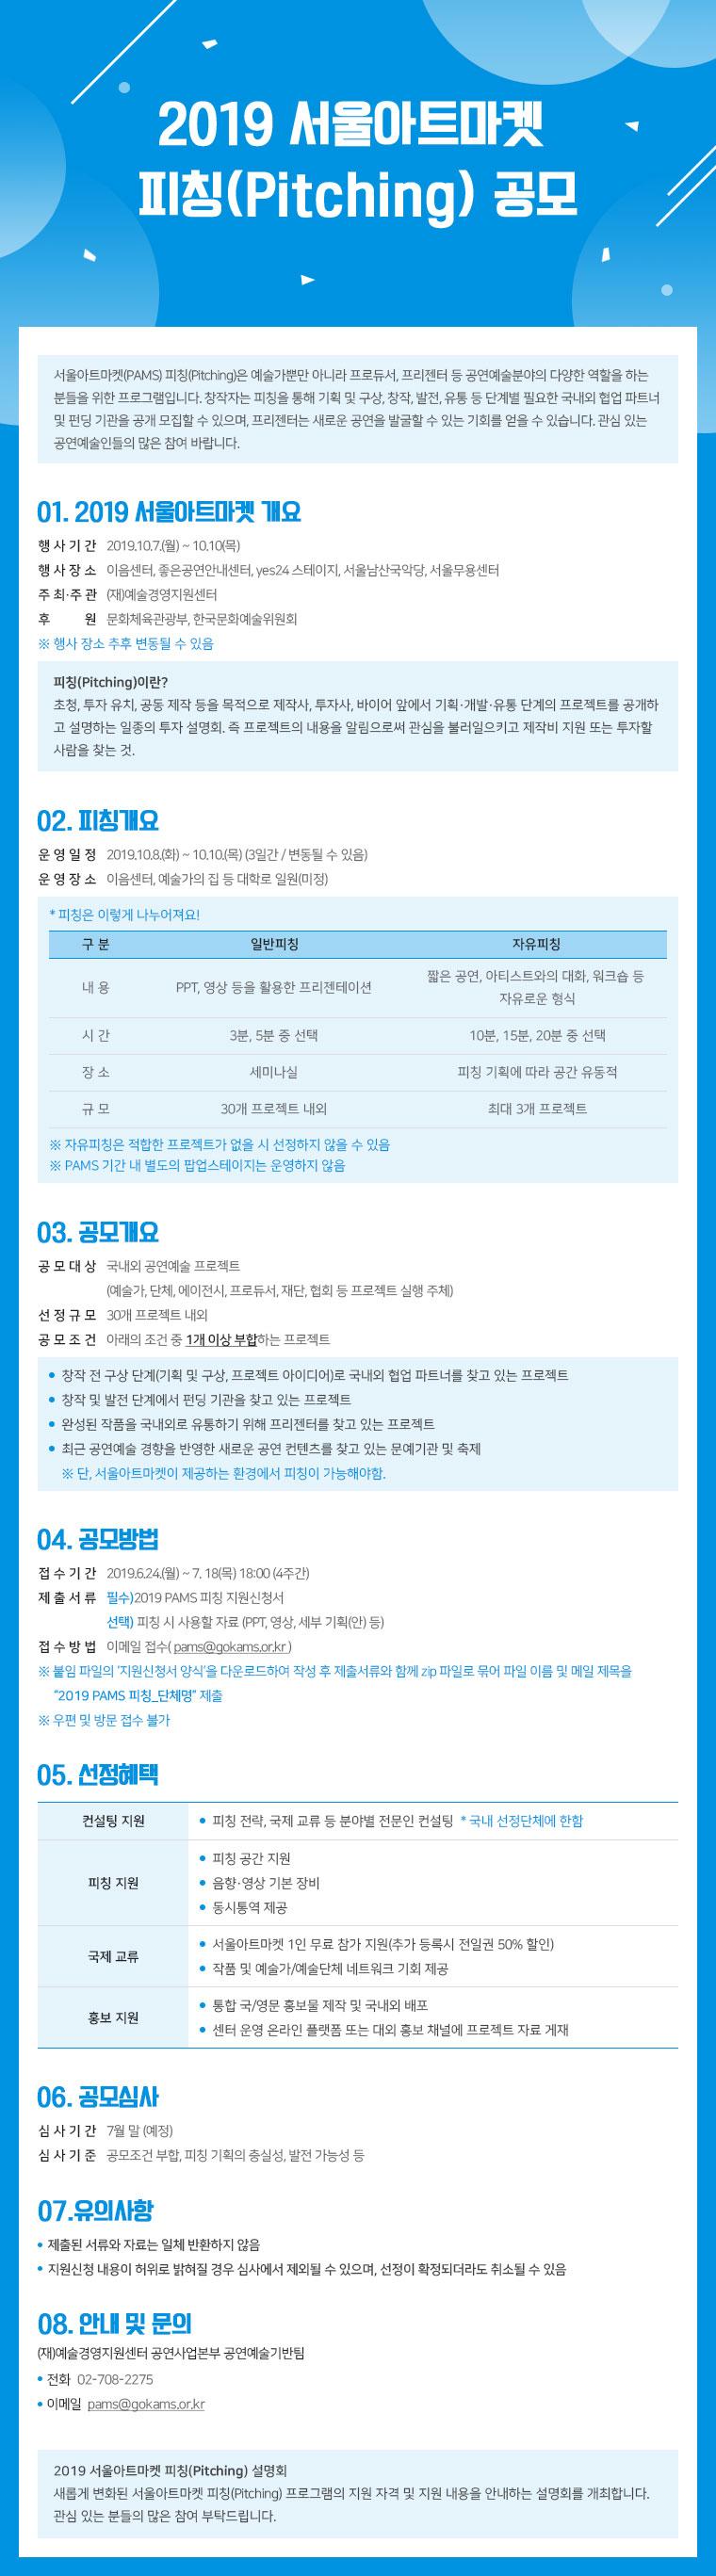 20190624_[웹전단]_2019_PAMS_피칭_공모_kr.jpg